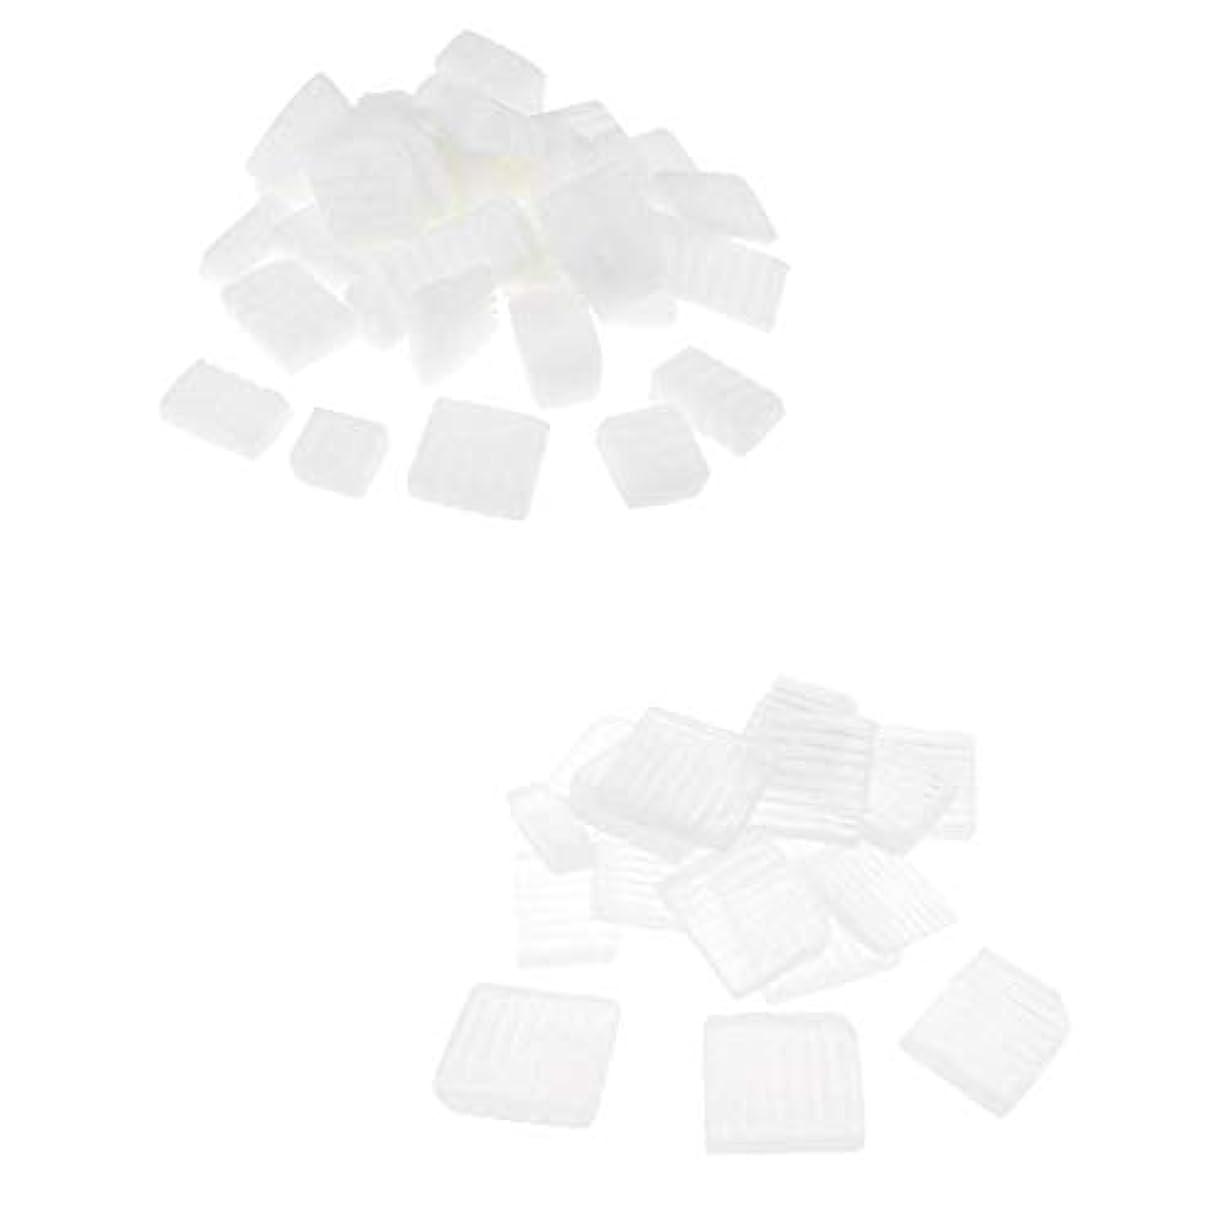 粒子ミニチュア考えるFLAMEER 固形せっけん 石鹸ベース 2KG ホワイトクリア DIY製造 工芸品 ハンドメイド 石鹸原料 耐久性